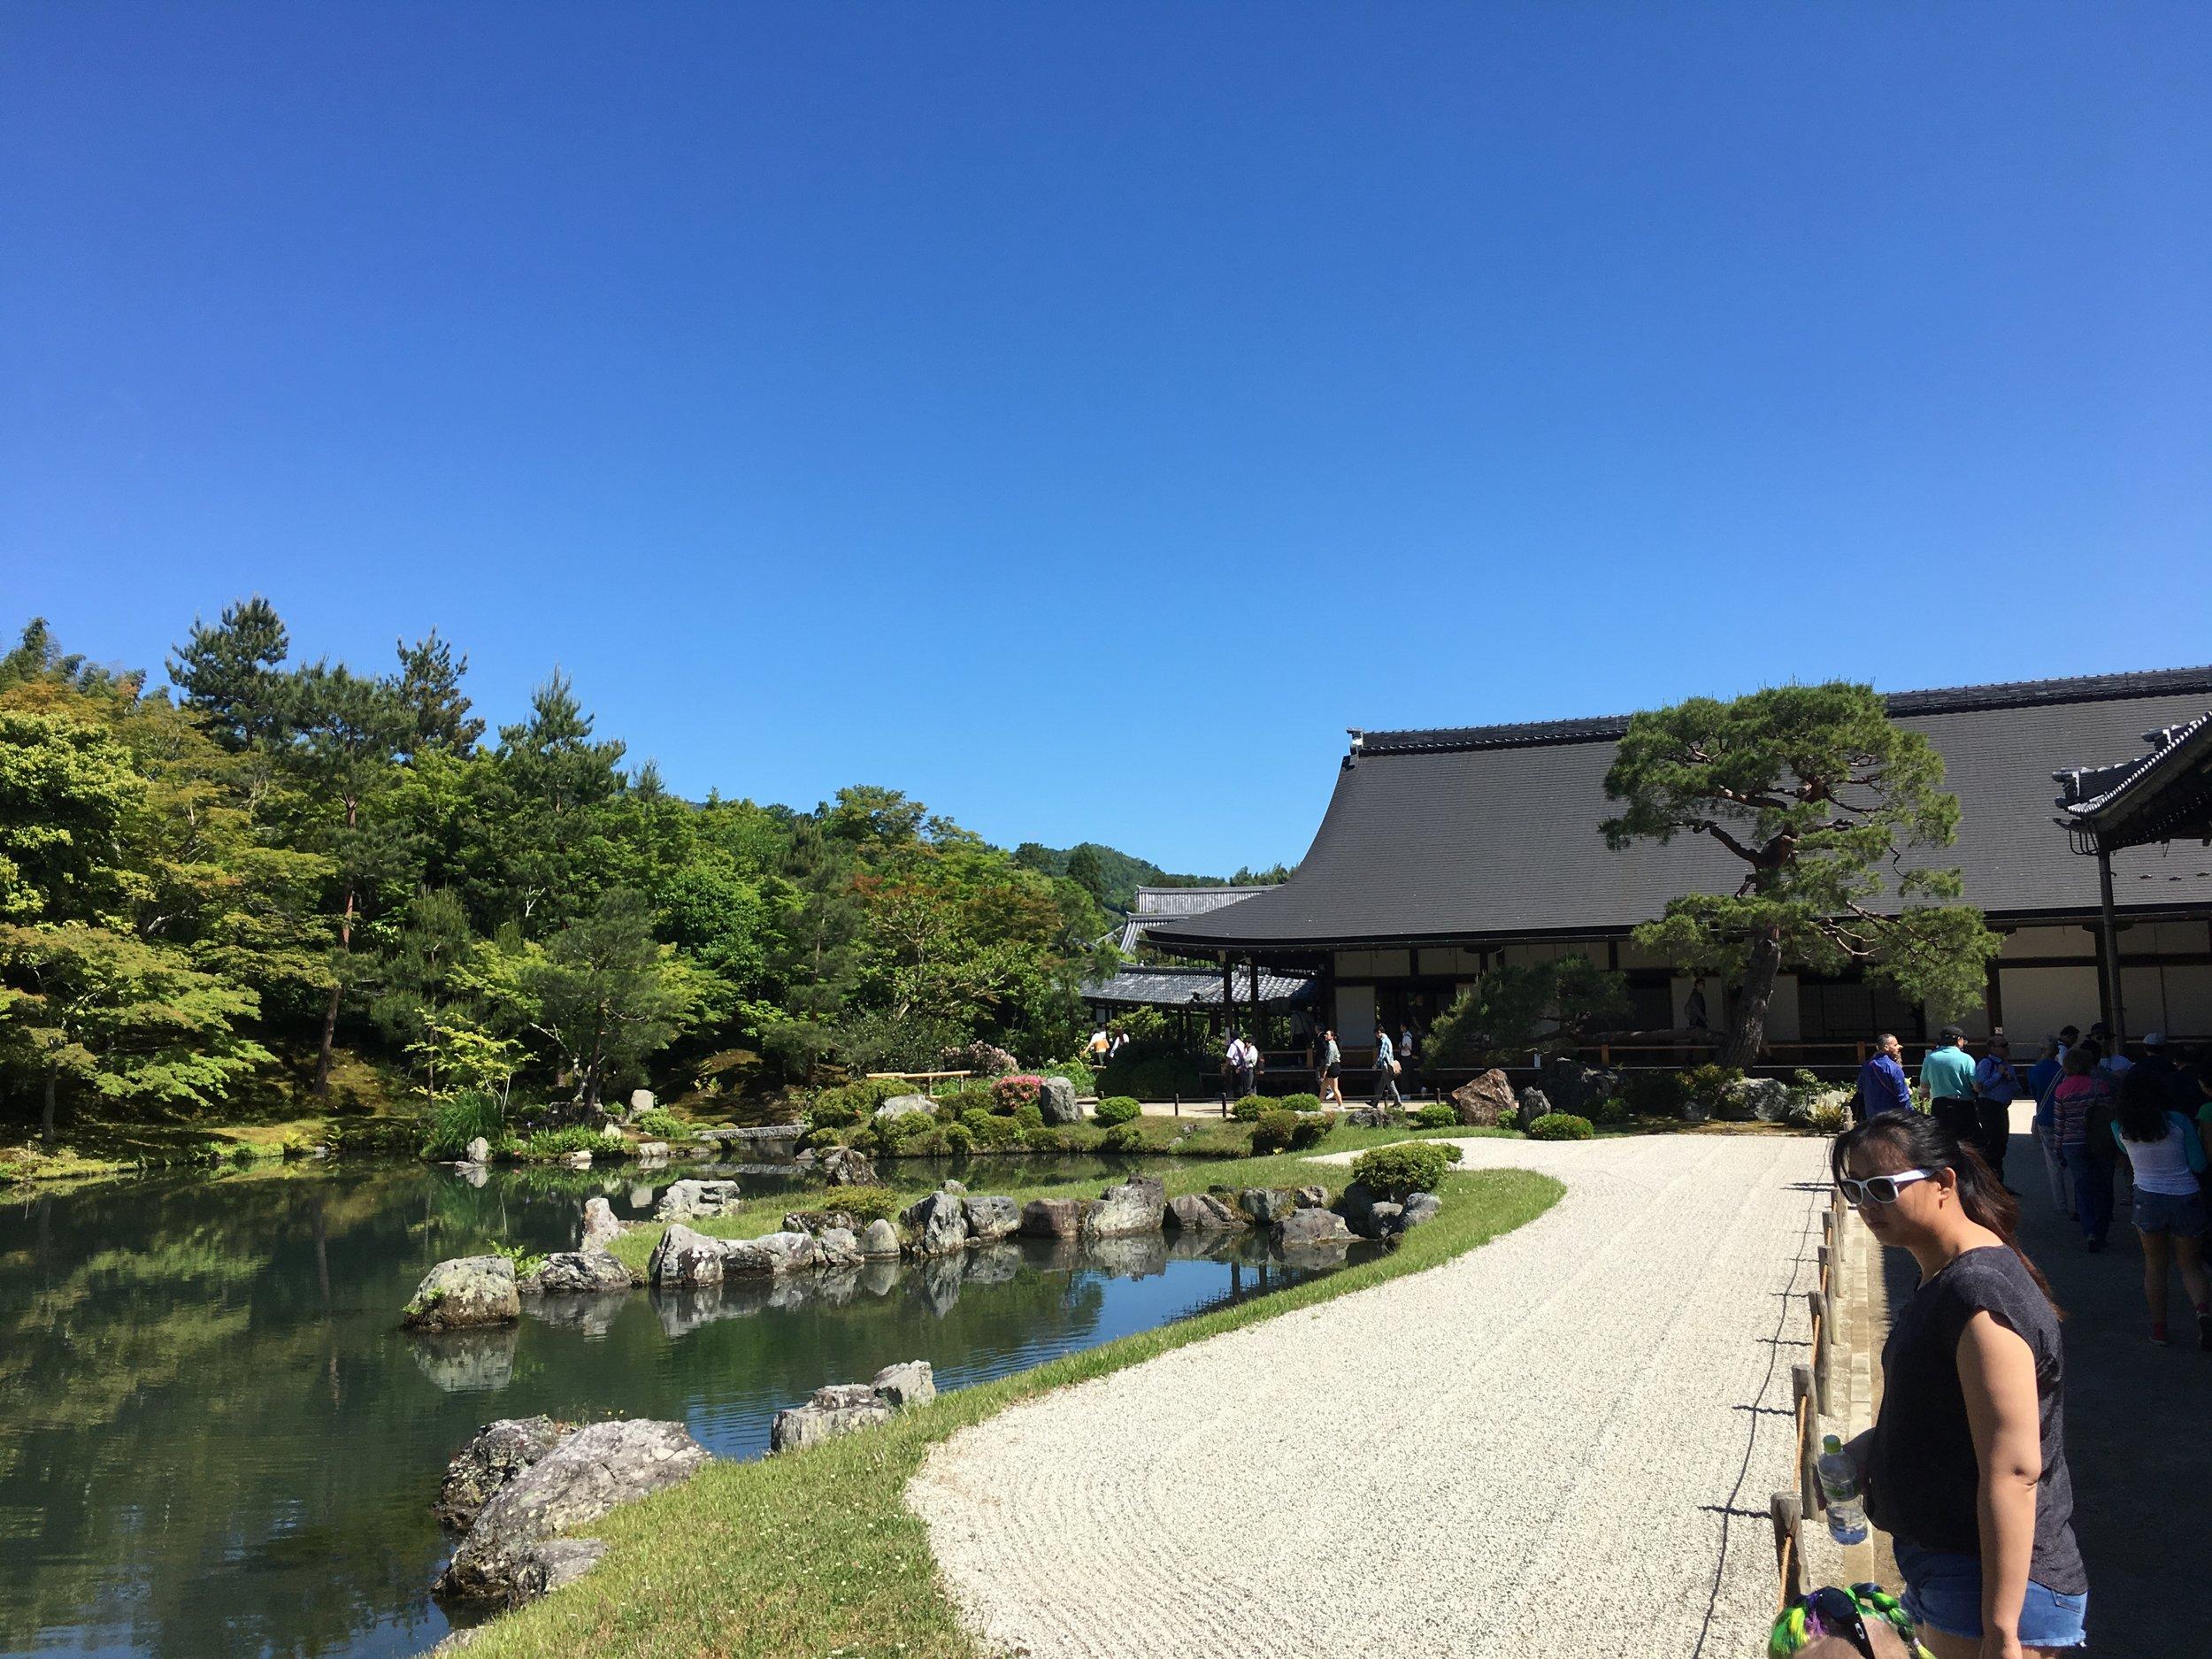 Day 9: Arashiyama and Kiyomizu